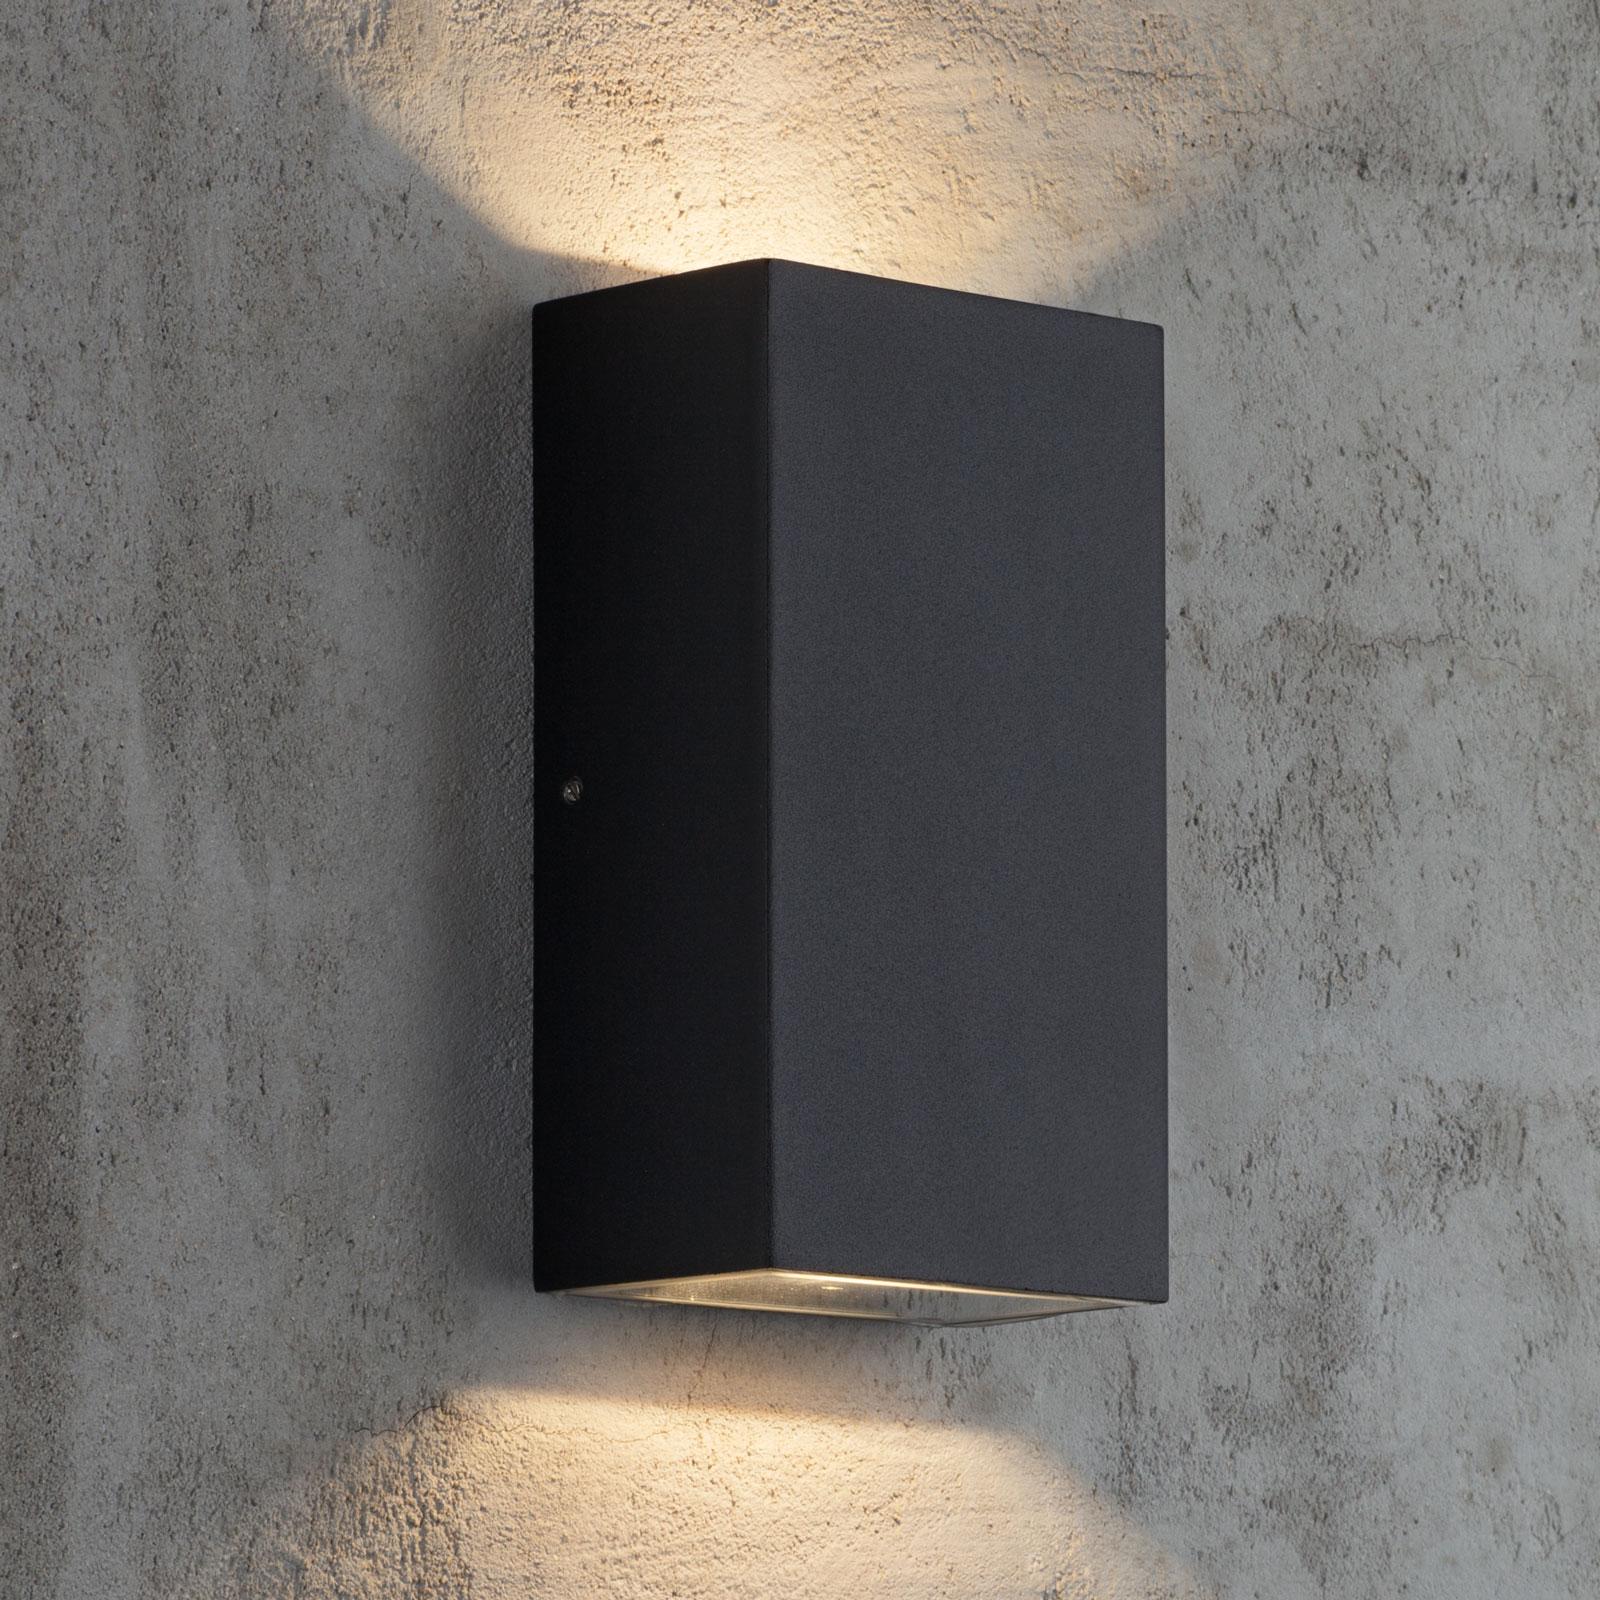 LED buitenwandlamp Rold, hoekige vorm